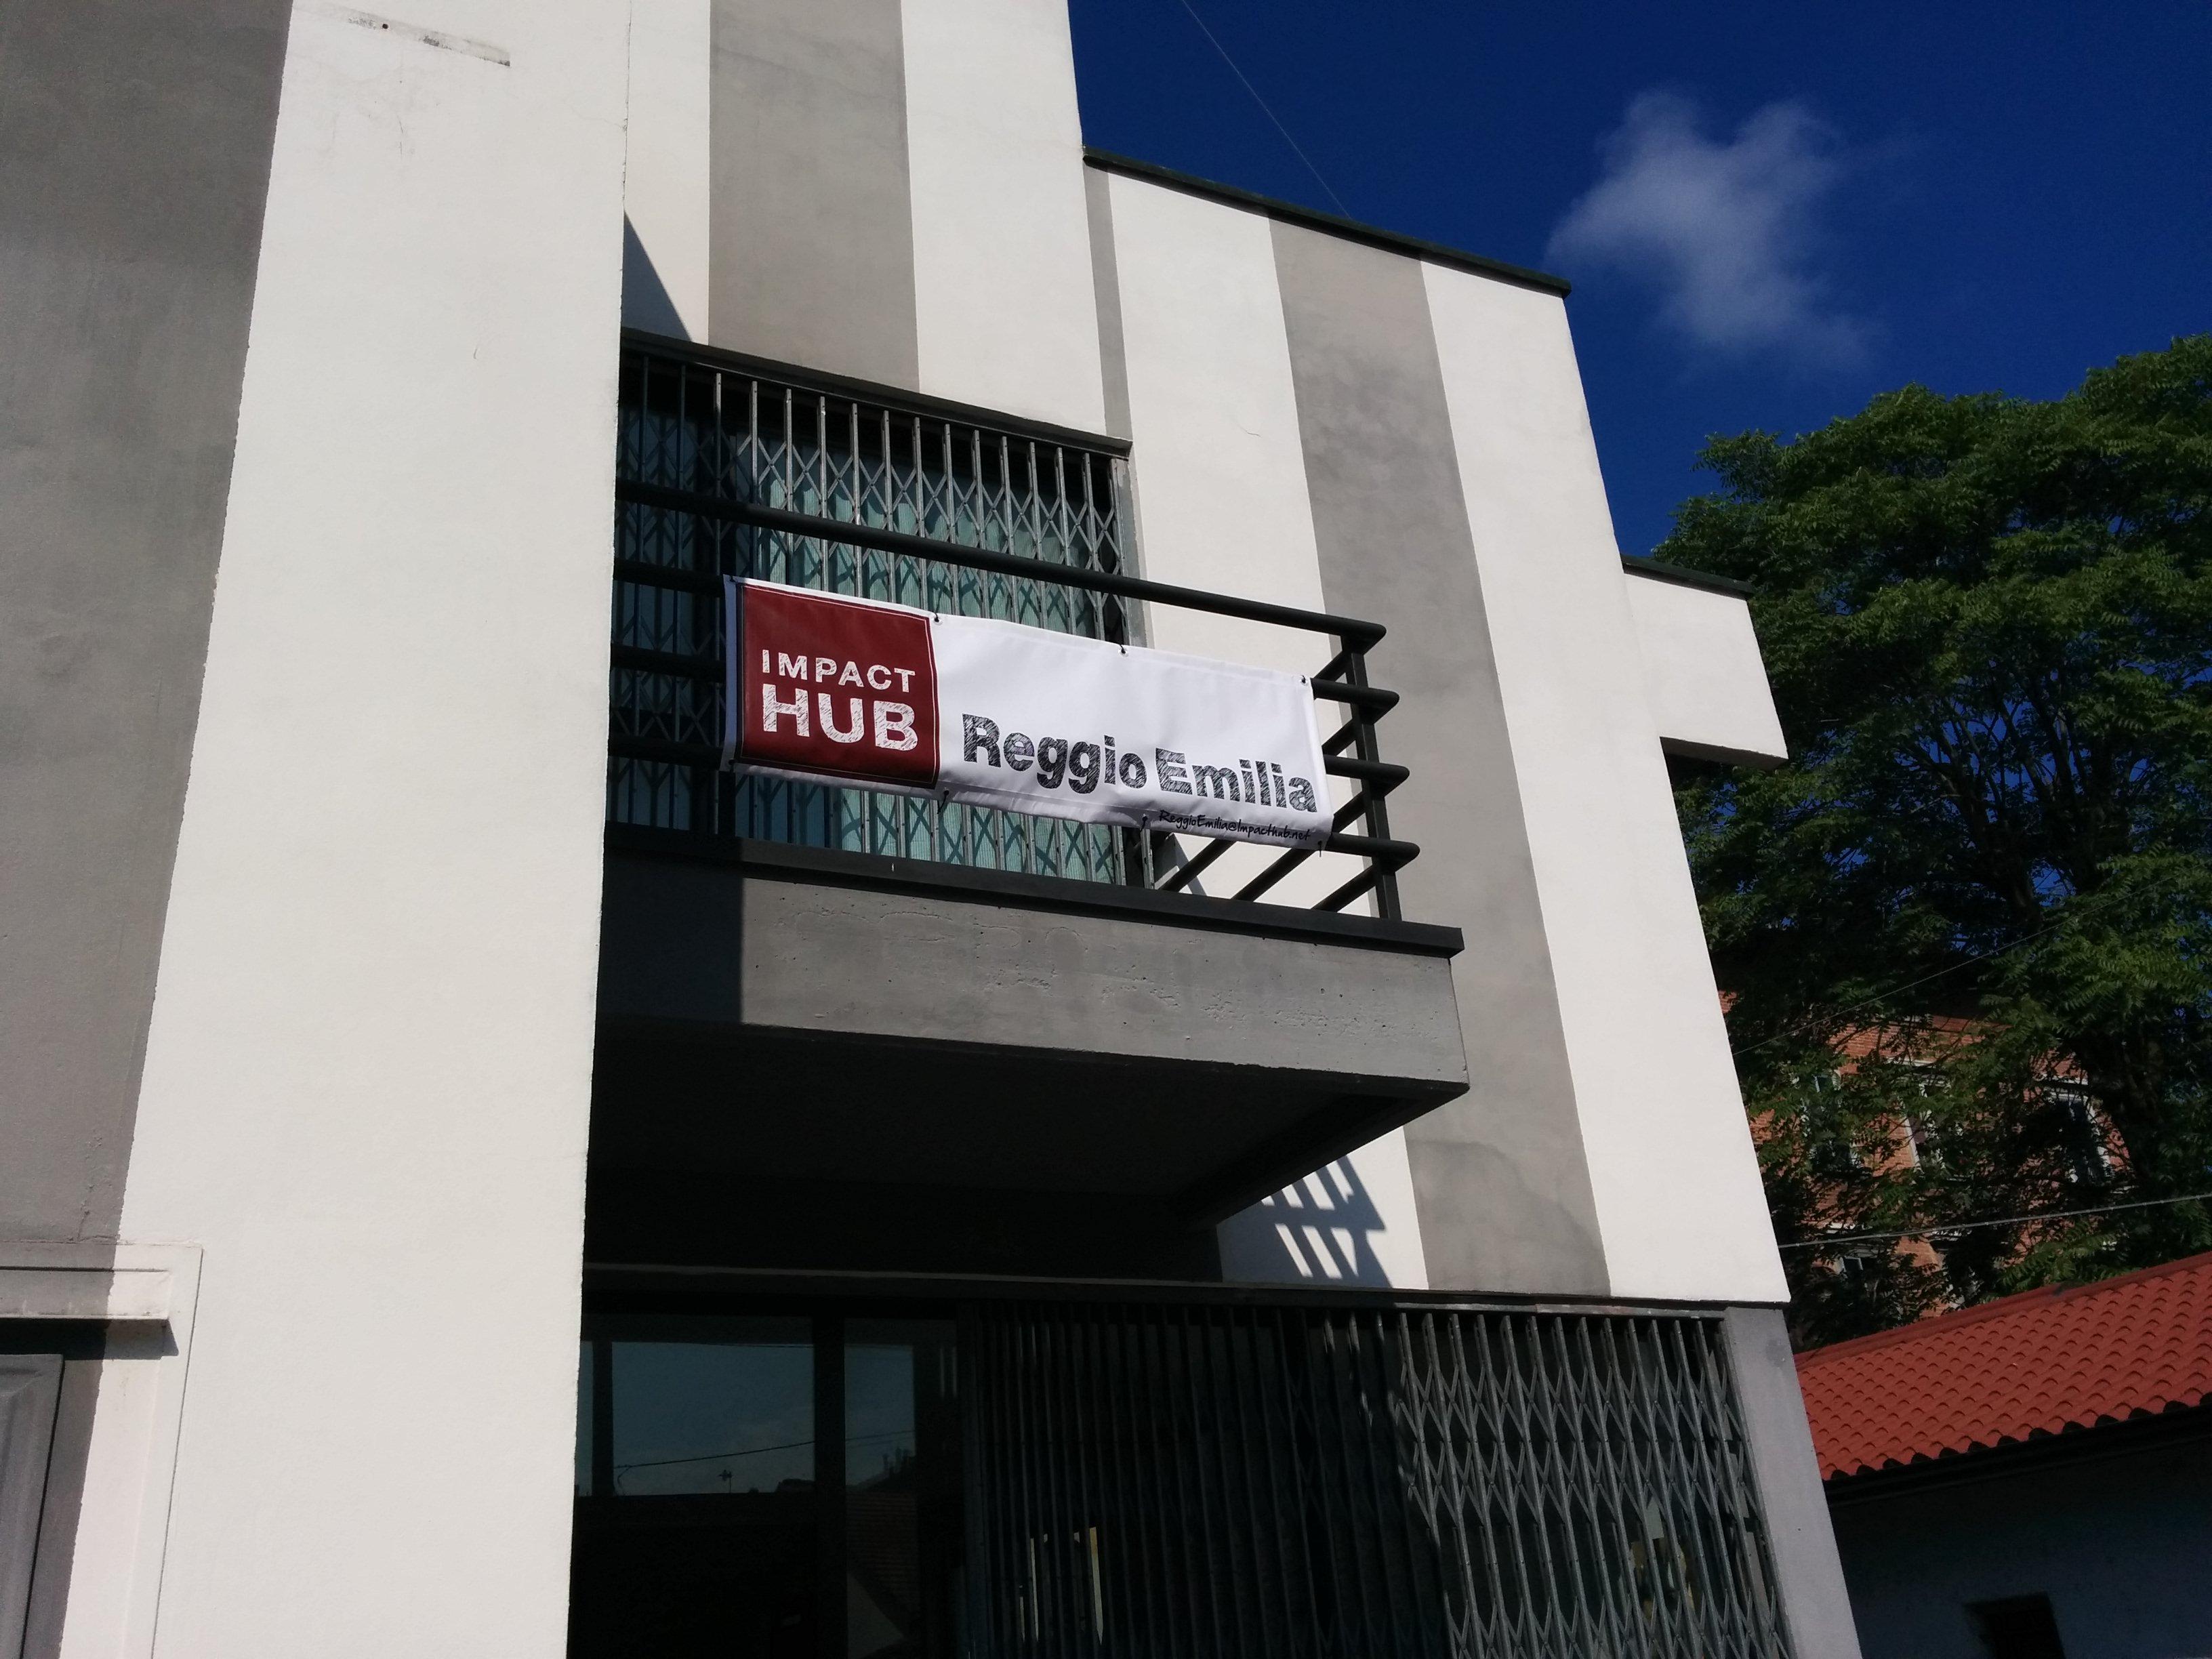 ImpactHub Reggio Emilia